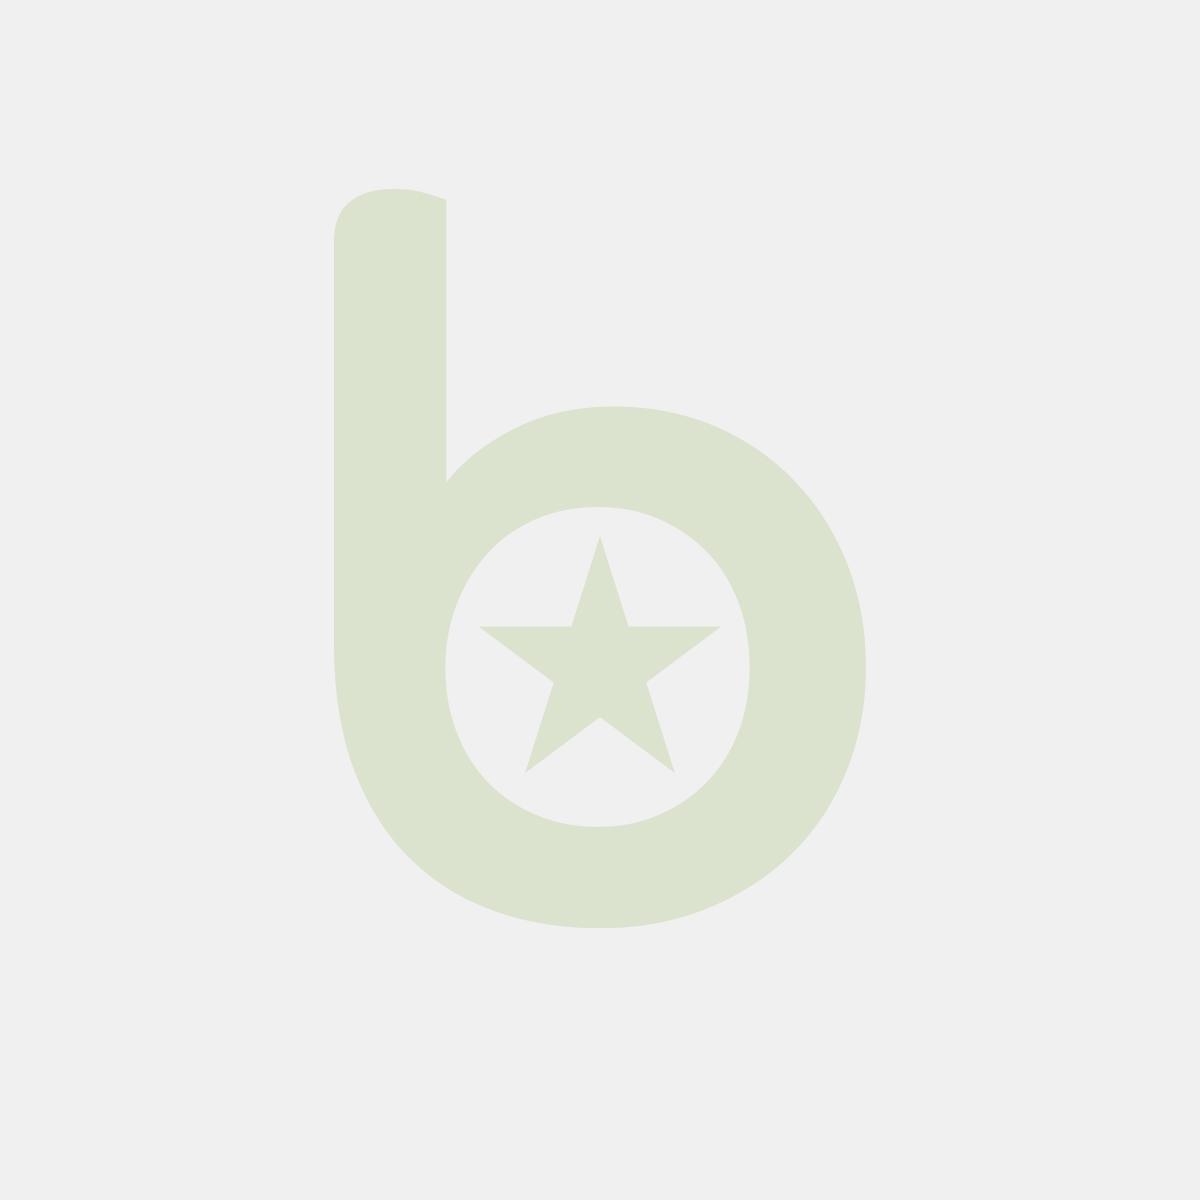 Pędzelek Cukierniczy - Szer. 45 Mm